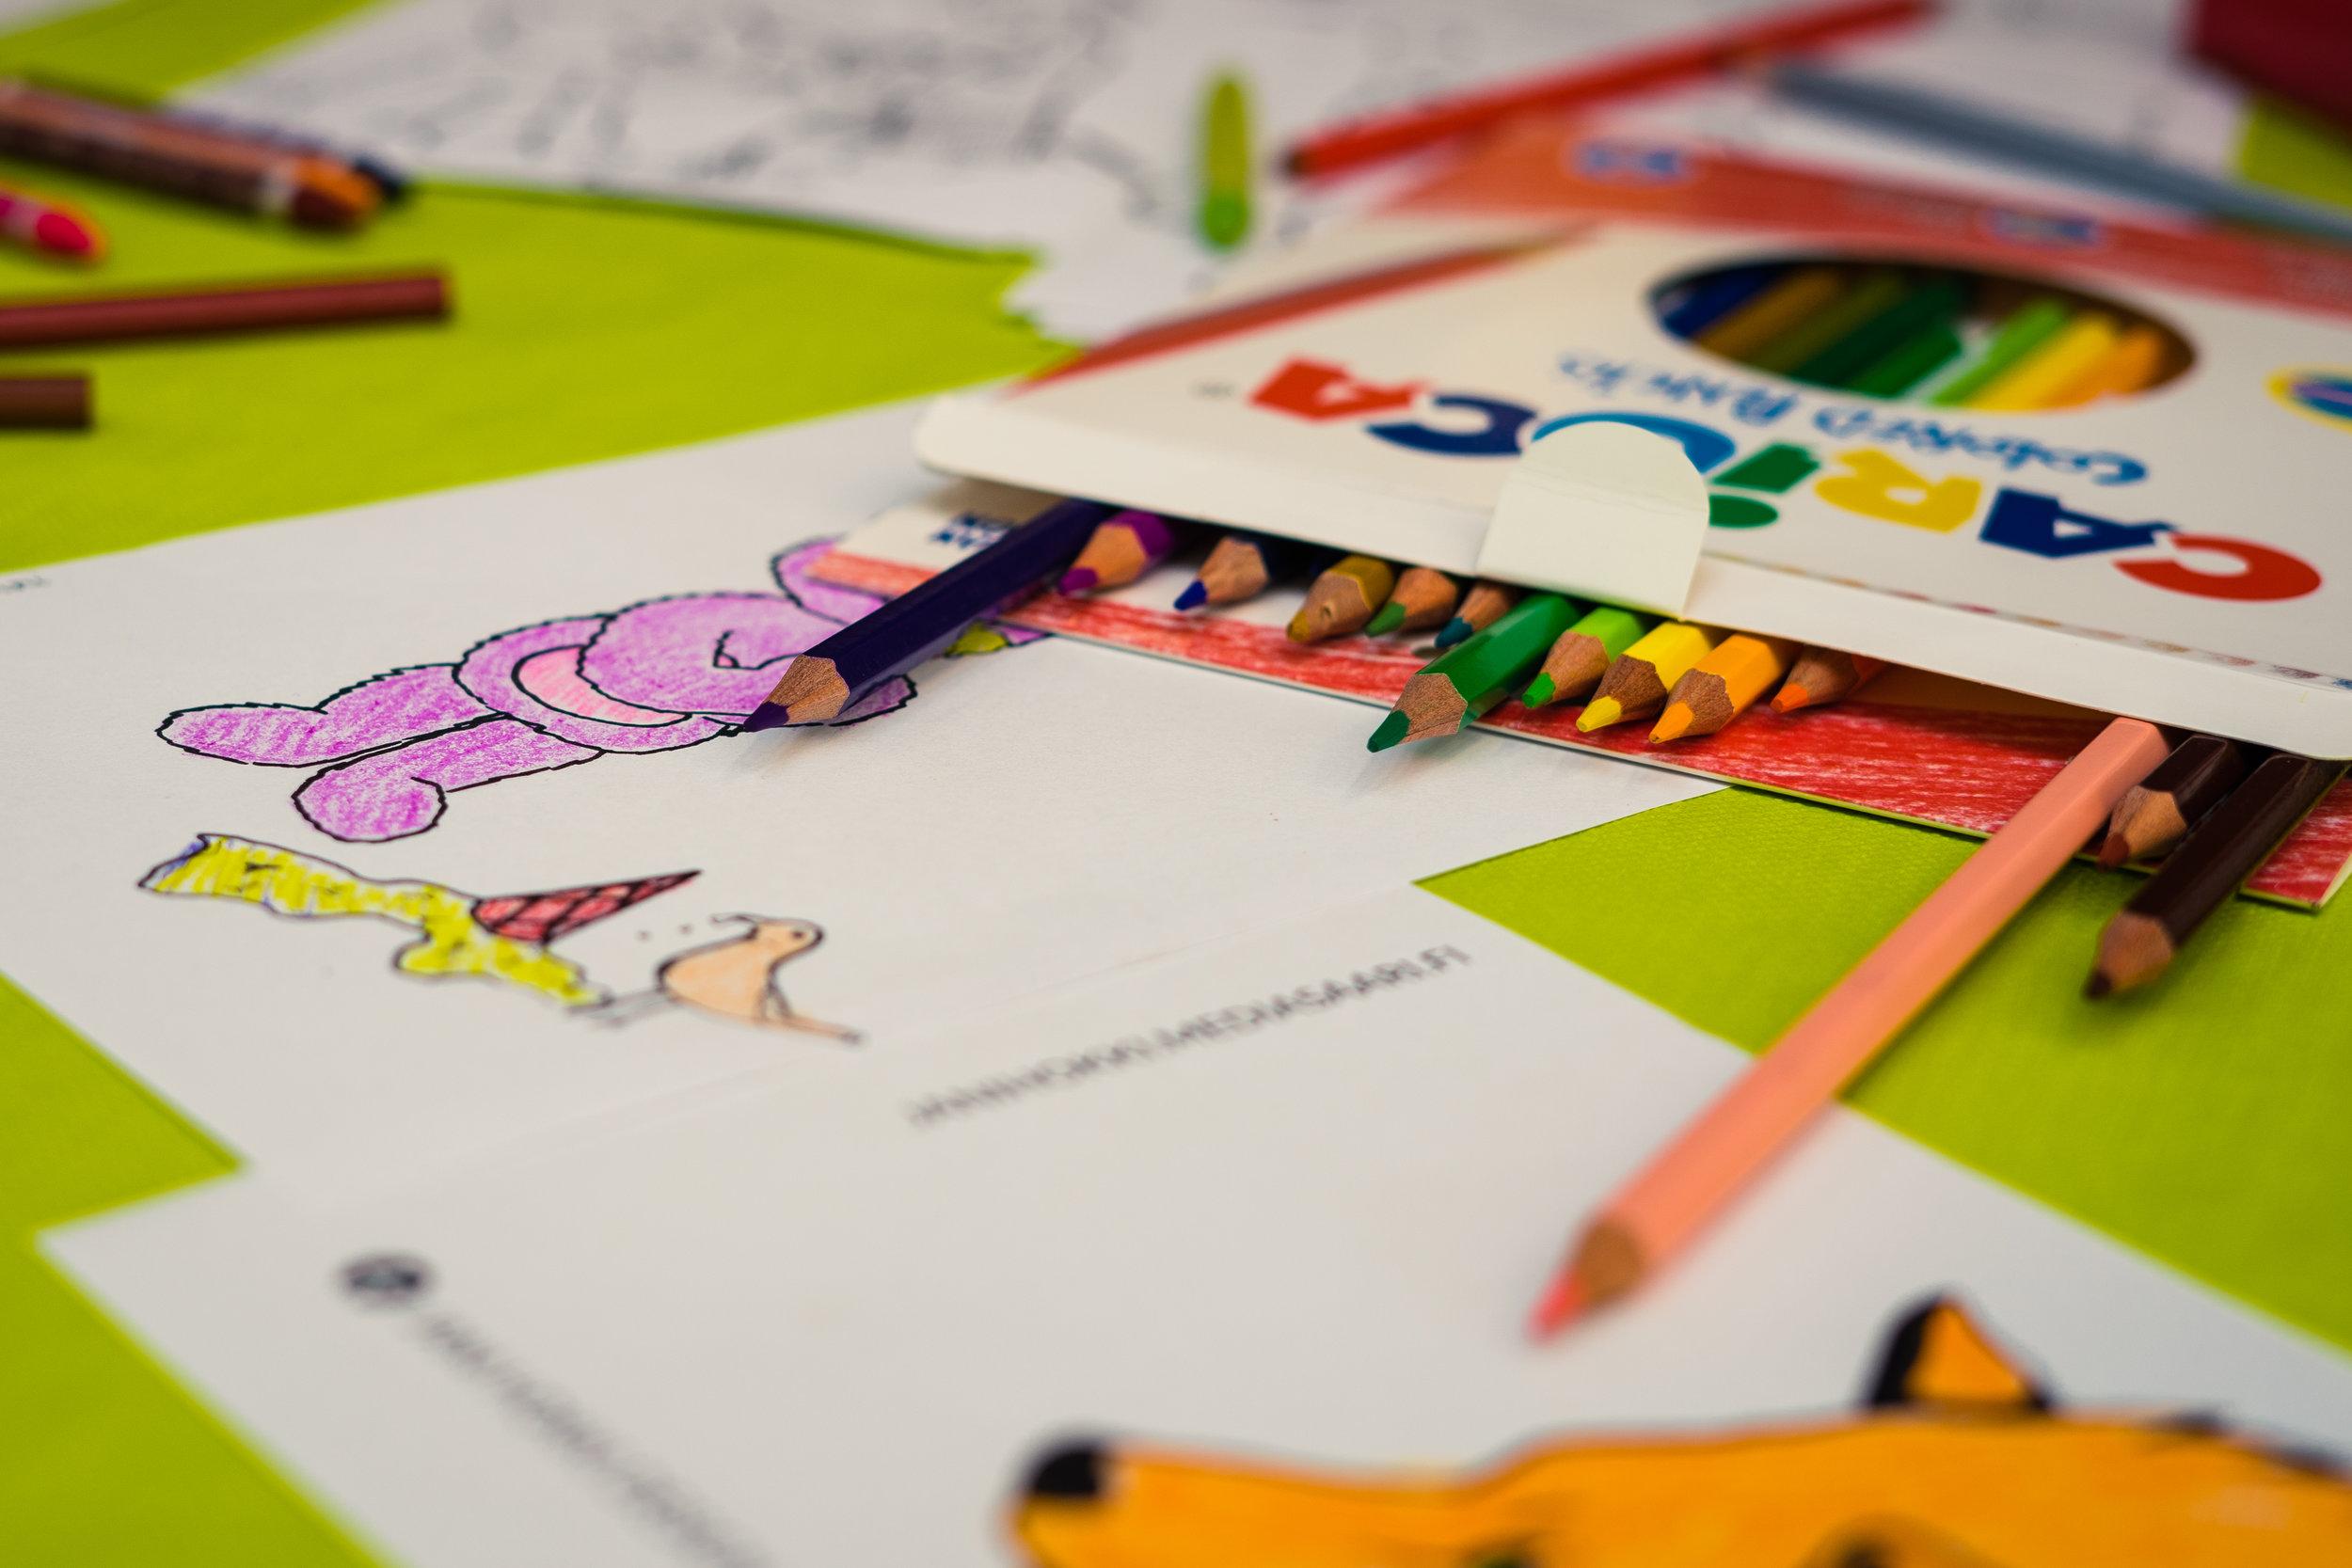 Kesäyrittäjät suunnittelivat Valkean pieniä asiakkaita varten värityspisteen. Kuvan ottanut  Jani Hokki .